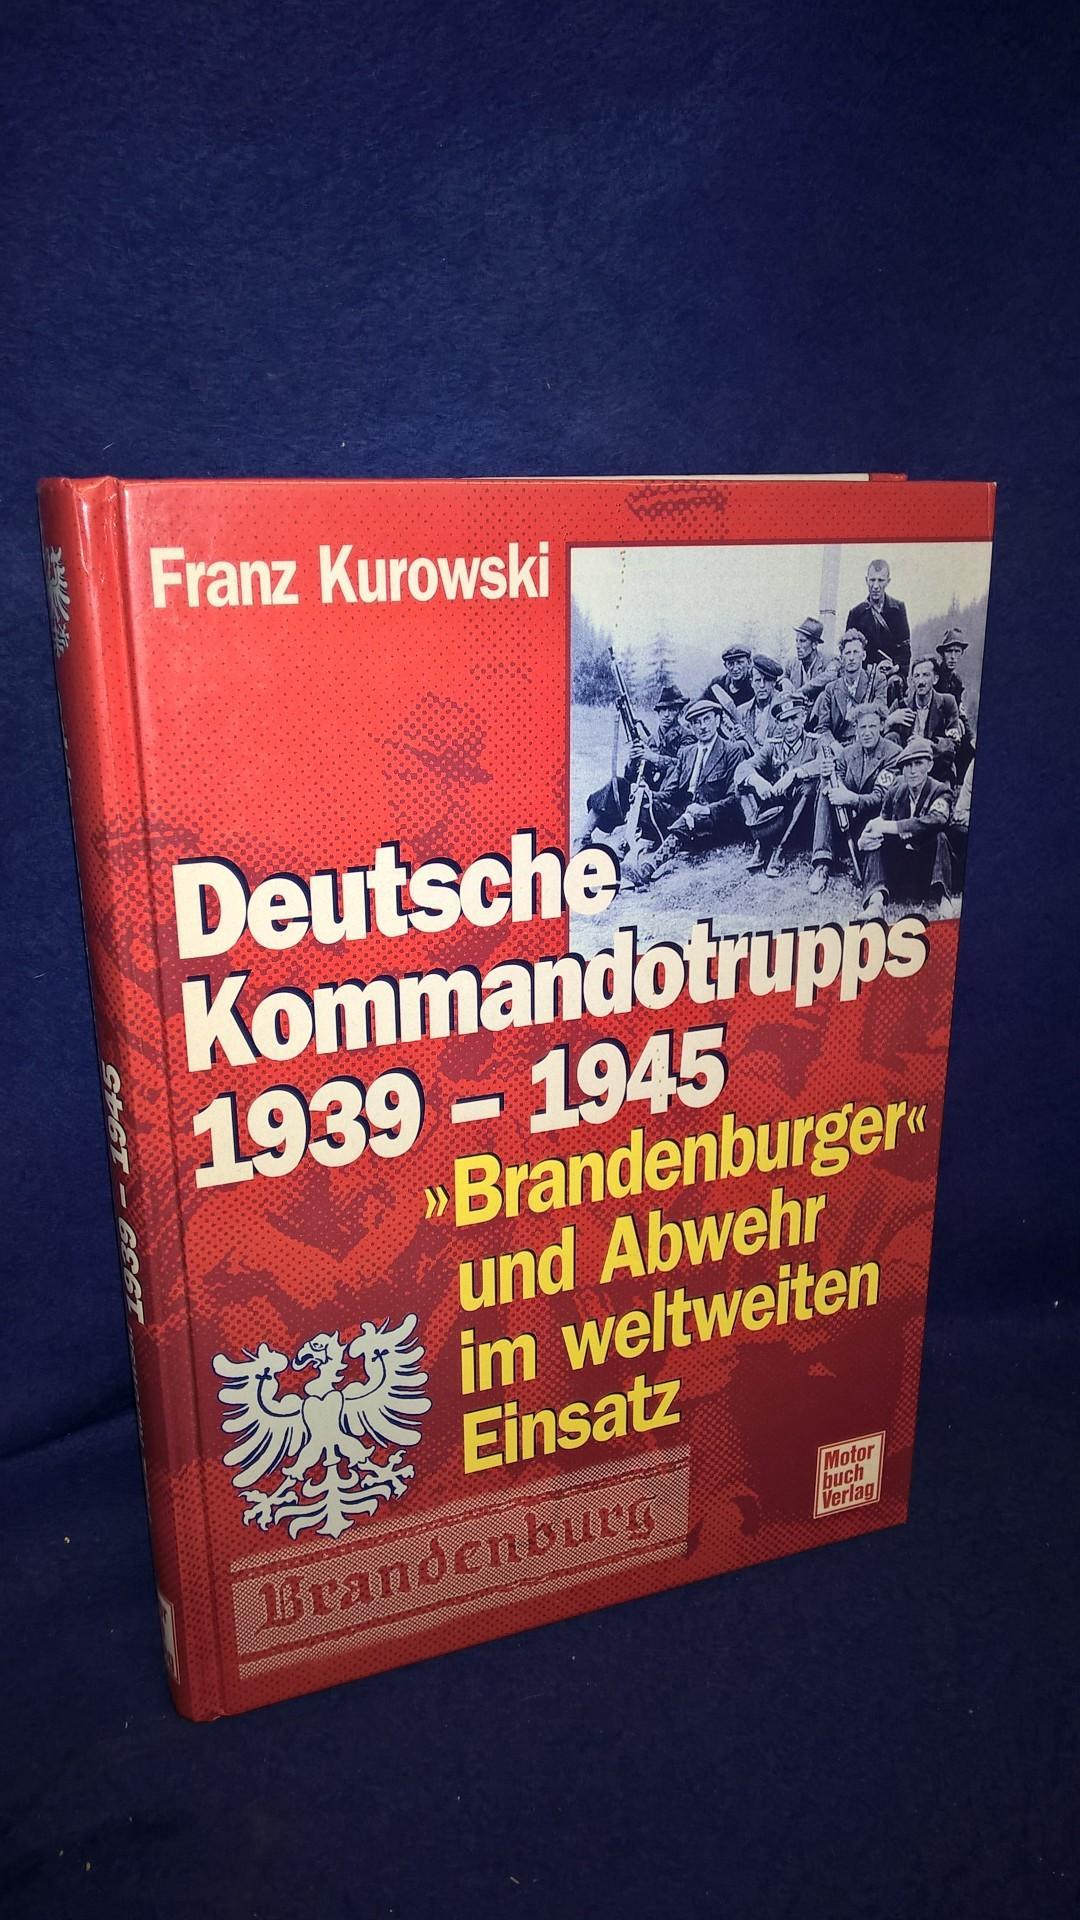 Deutsche Kommandotrupps 1939 -1945: 'Brandenburger' und Abwehr im weltweiten Einsatz.